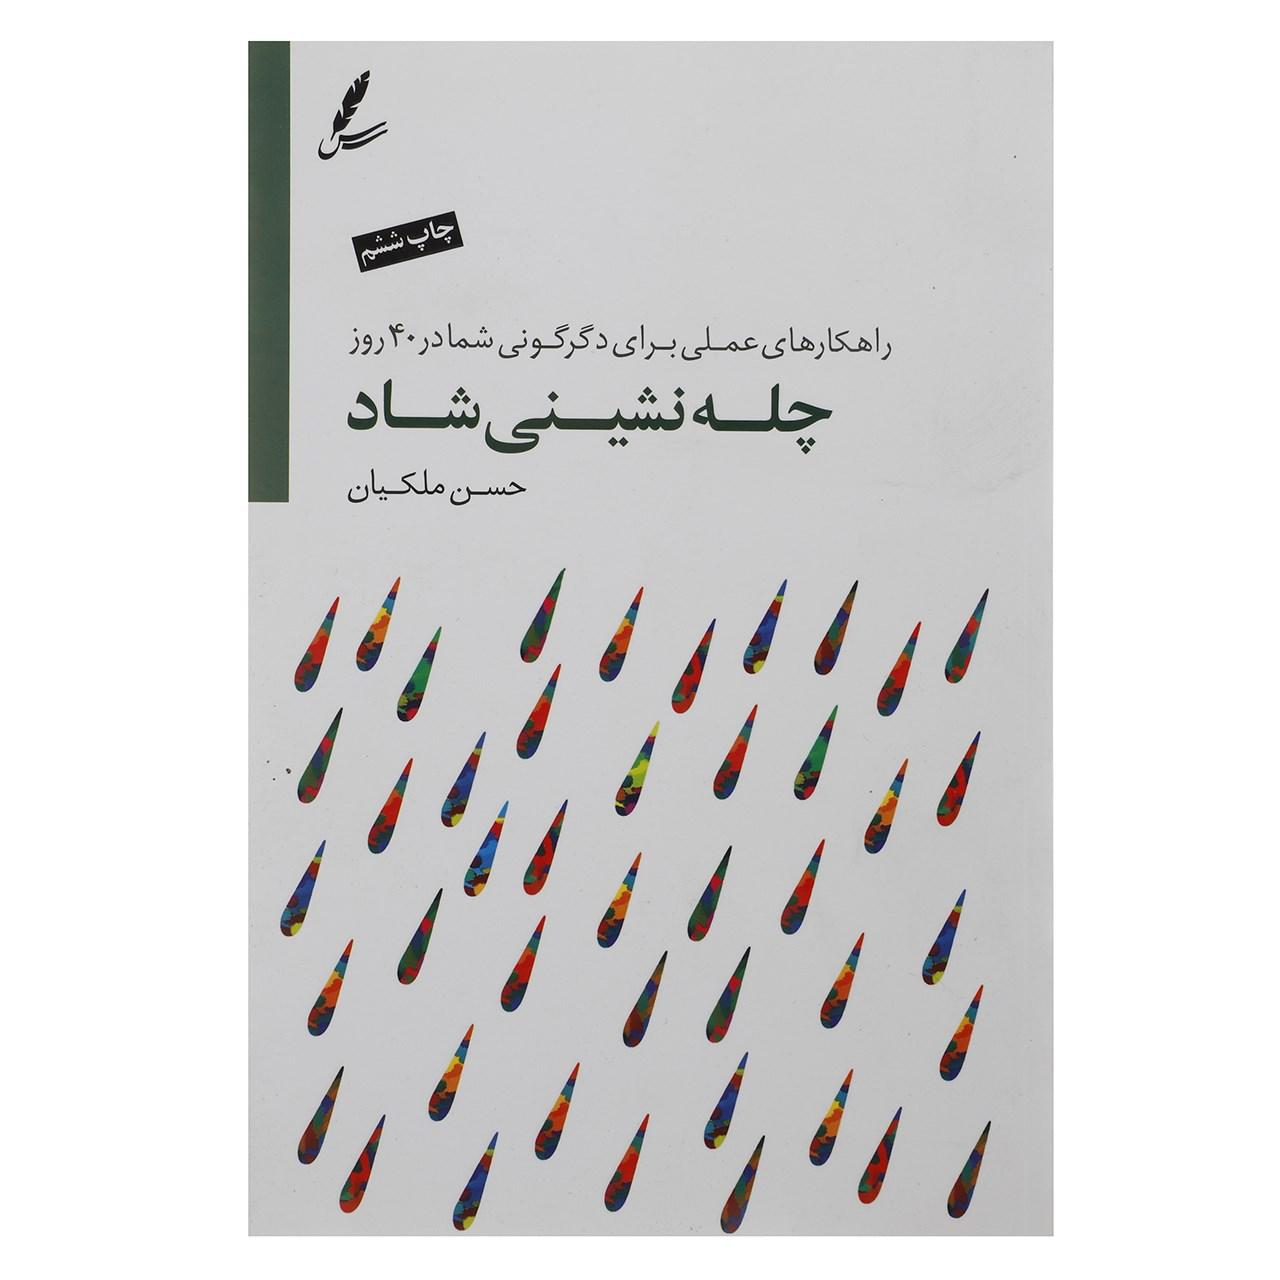 کتاب چله نشینی شاد راهکارهای عملی برای دگرگونی اثر حسن ملکیان